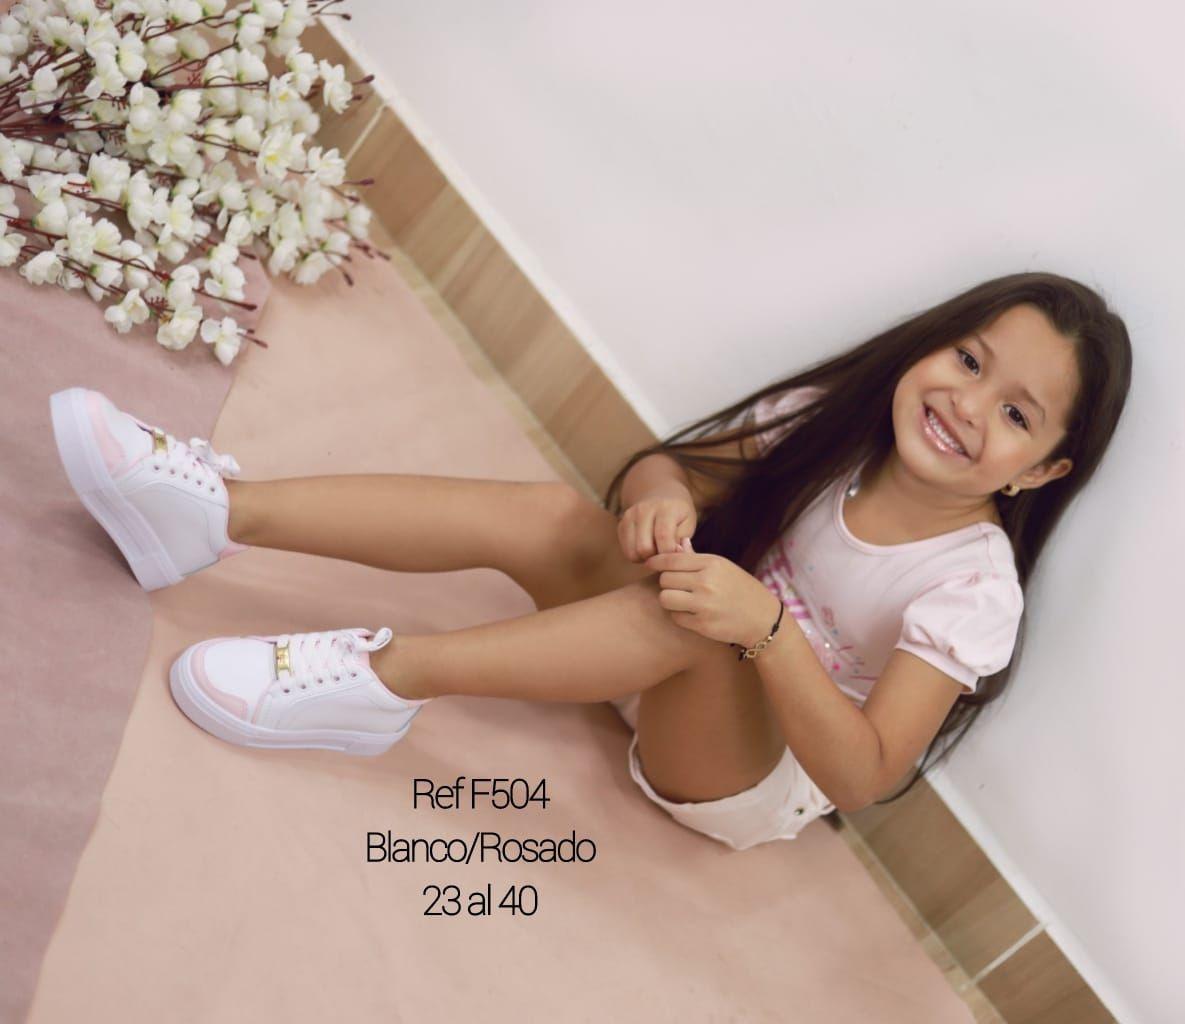 RefF-504 Blanco/rosado 23 al 40